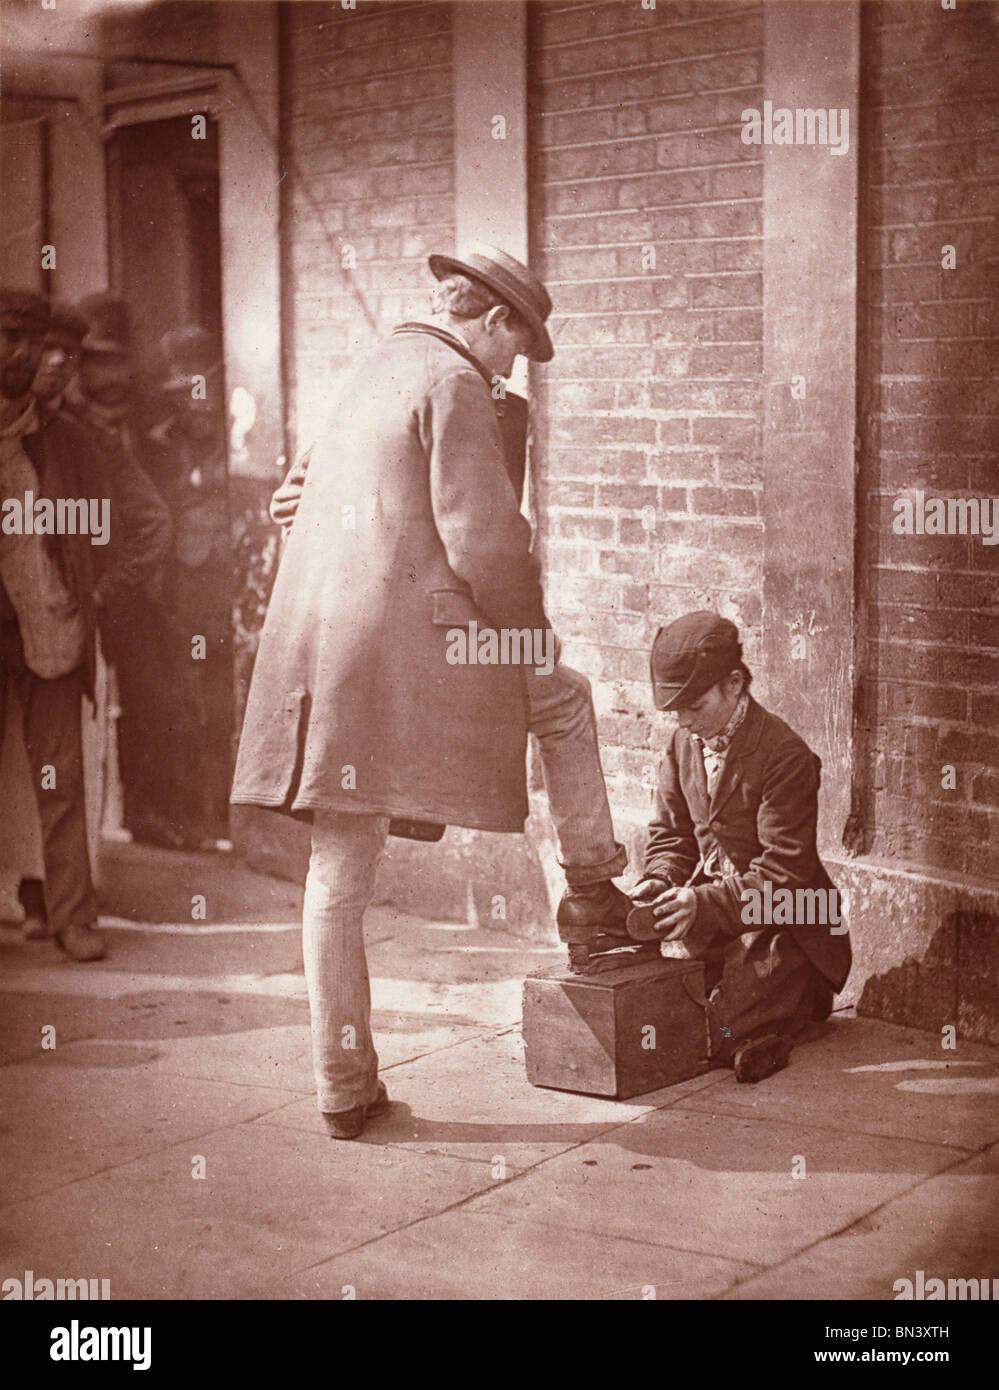 Le spectaculaire Shoe-Black, par John Thomson. Londres, Angleterre, fin du 19e siècle Photo Stock